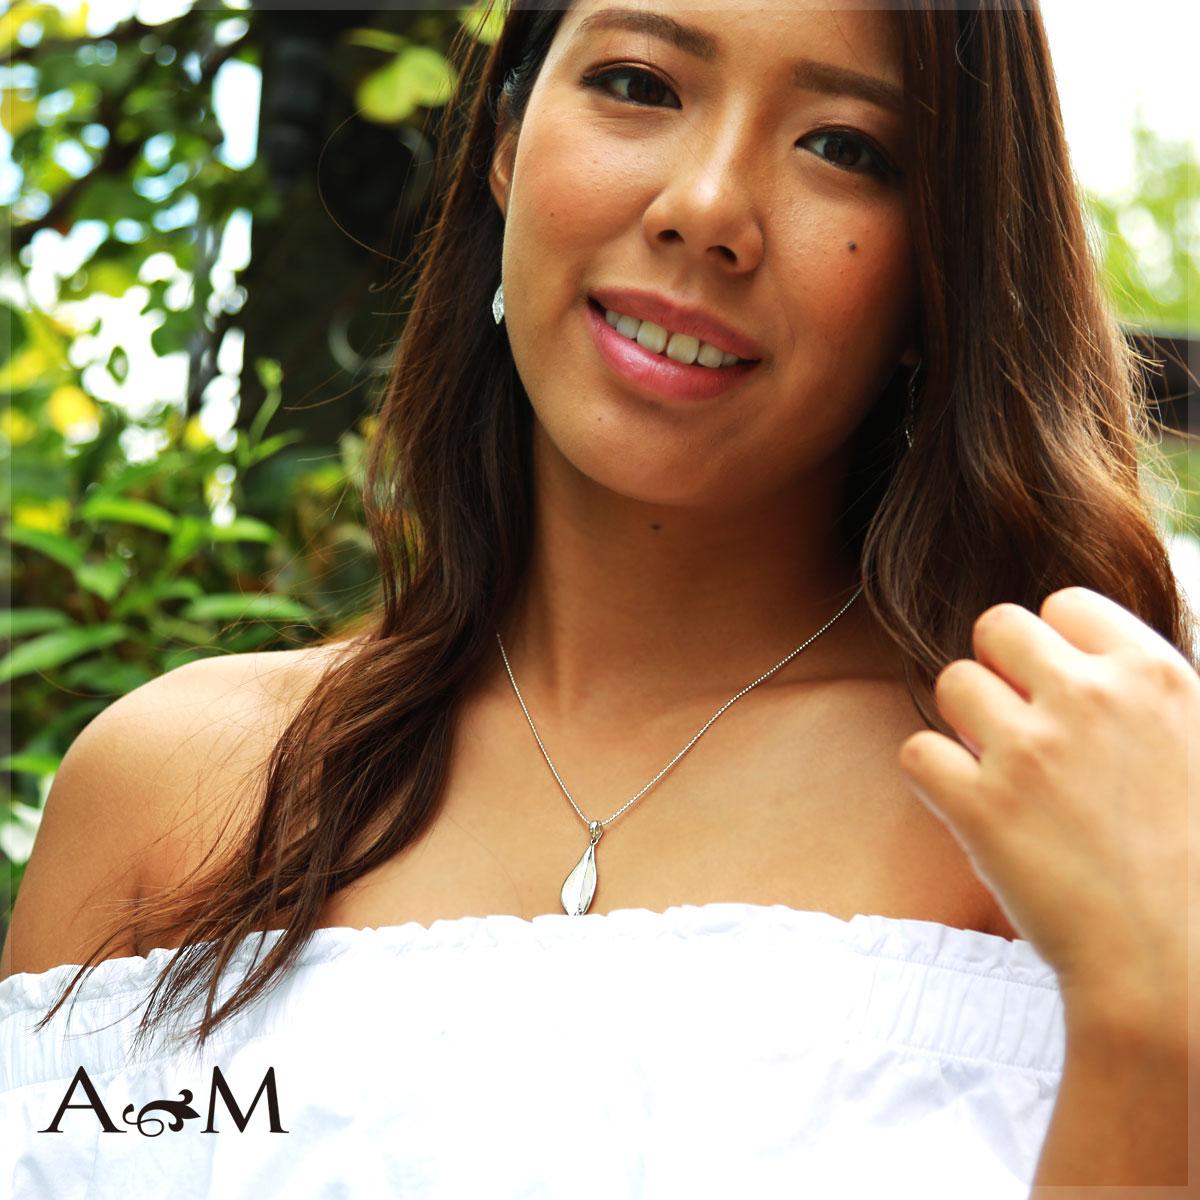 ハワイアンジュエリー アクセサリー レディース 女性 メンズ 男性 リーフシェイプシルバーネックレス シルバー 925 ペンダント ネックレス bpd1472